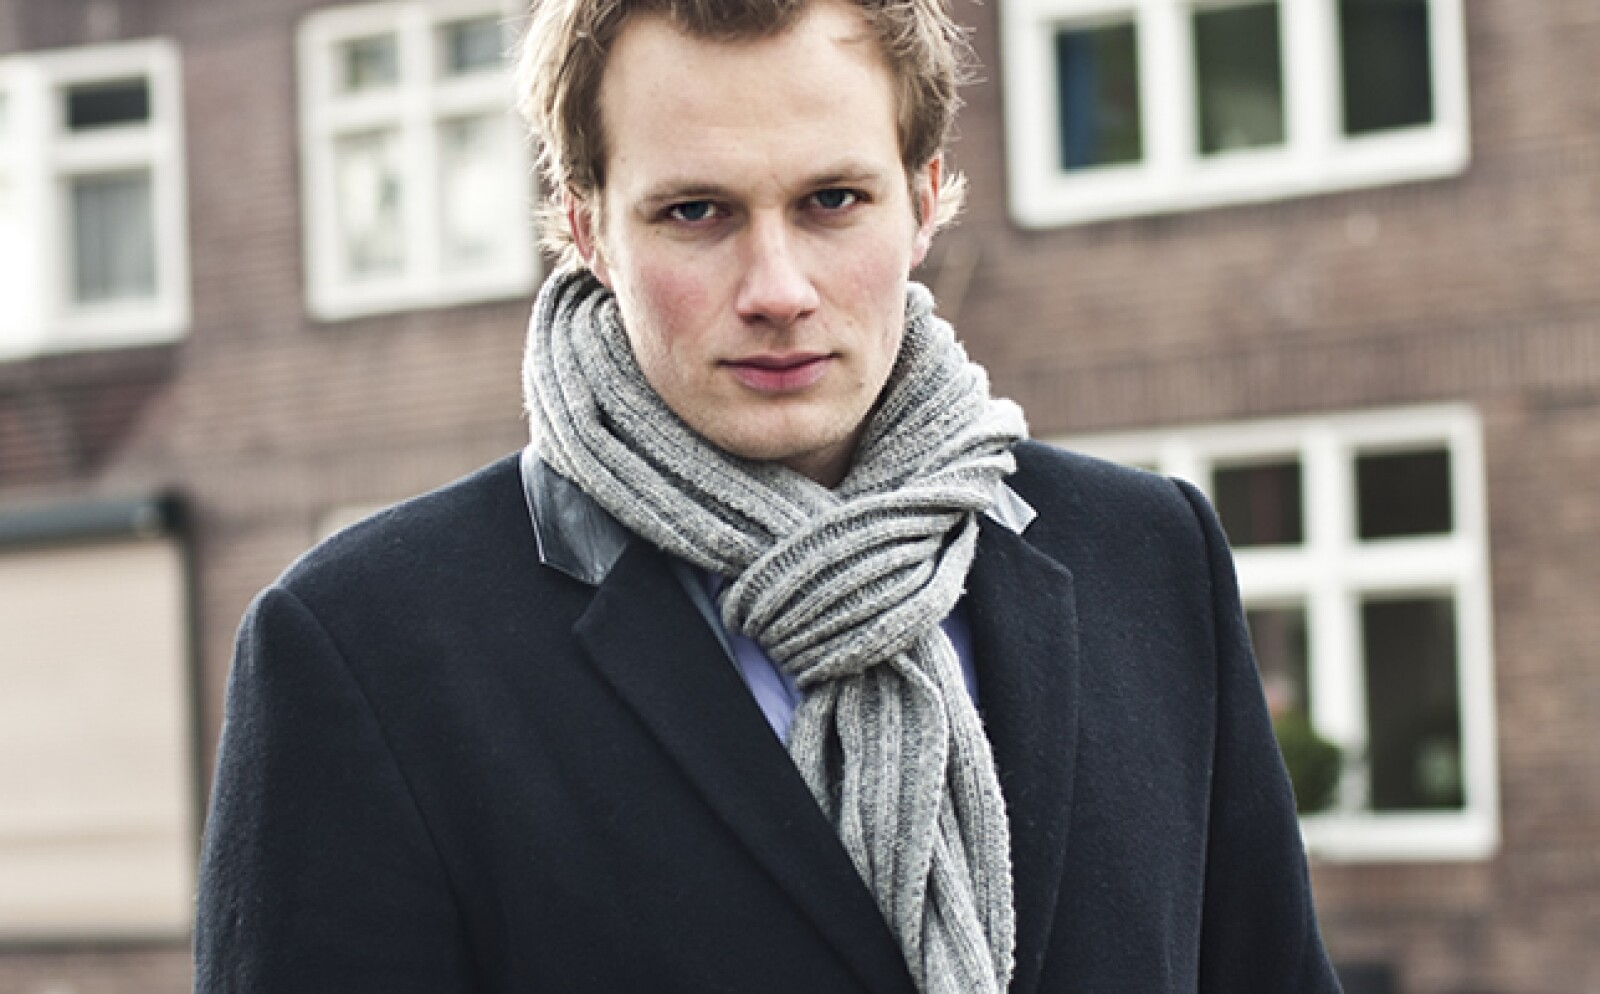 La bufanda dejó de ser solo una prenda para cubrirte del frío, transfórmala en el accesorio que le de un toque de estilo a tu atuendo ejecutivo. Sigue estos pasos: